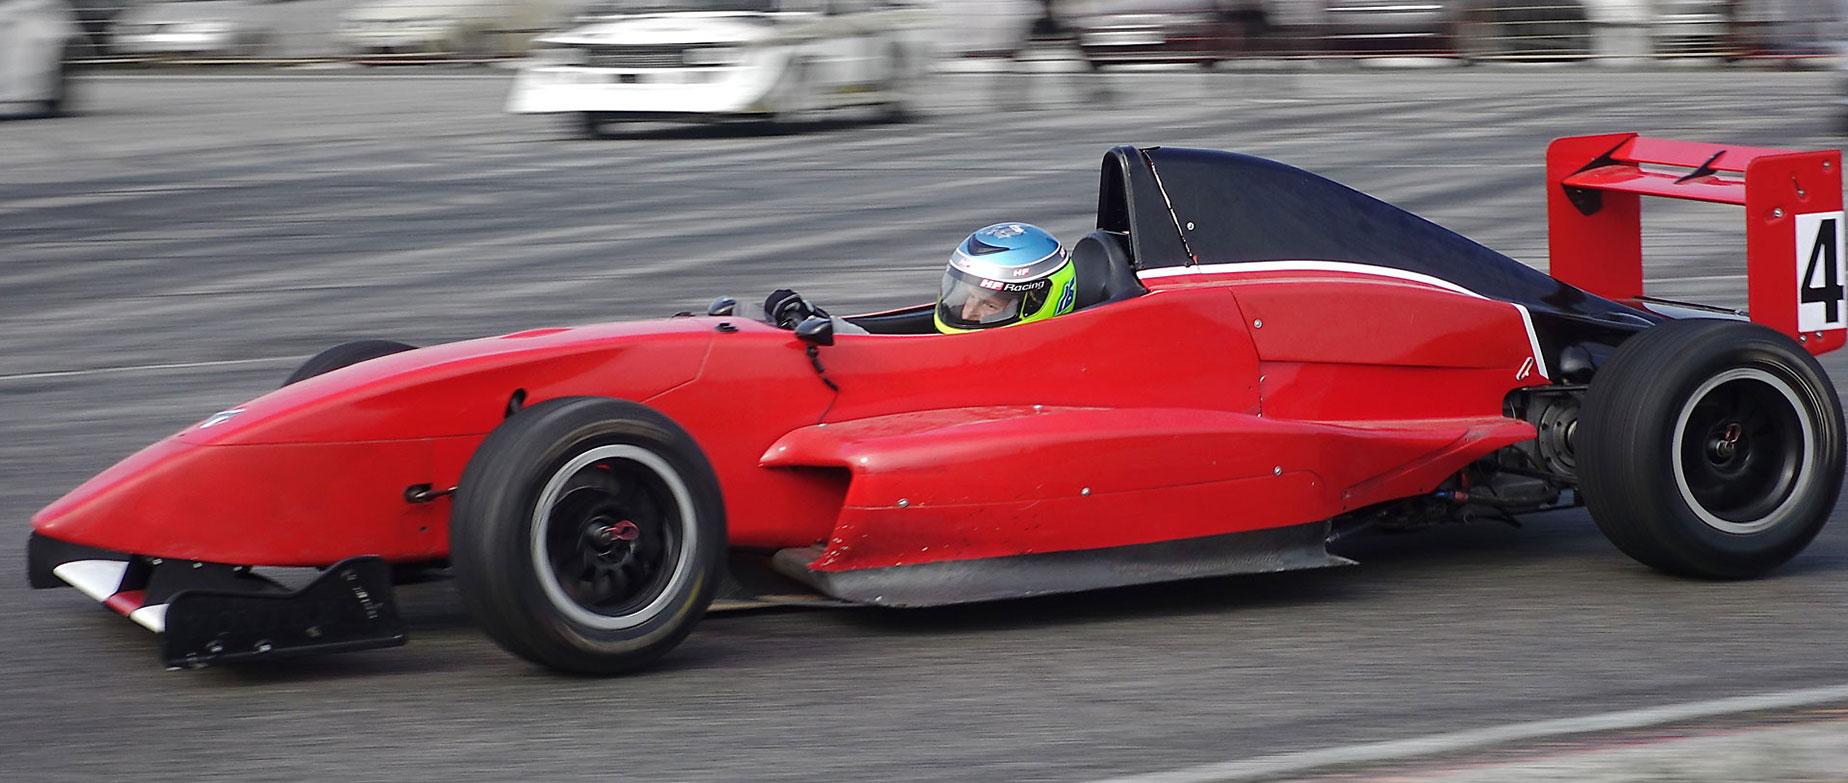 Formula 2.0élményvezetés az Euroringen